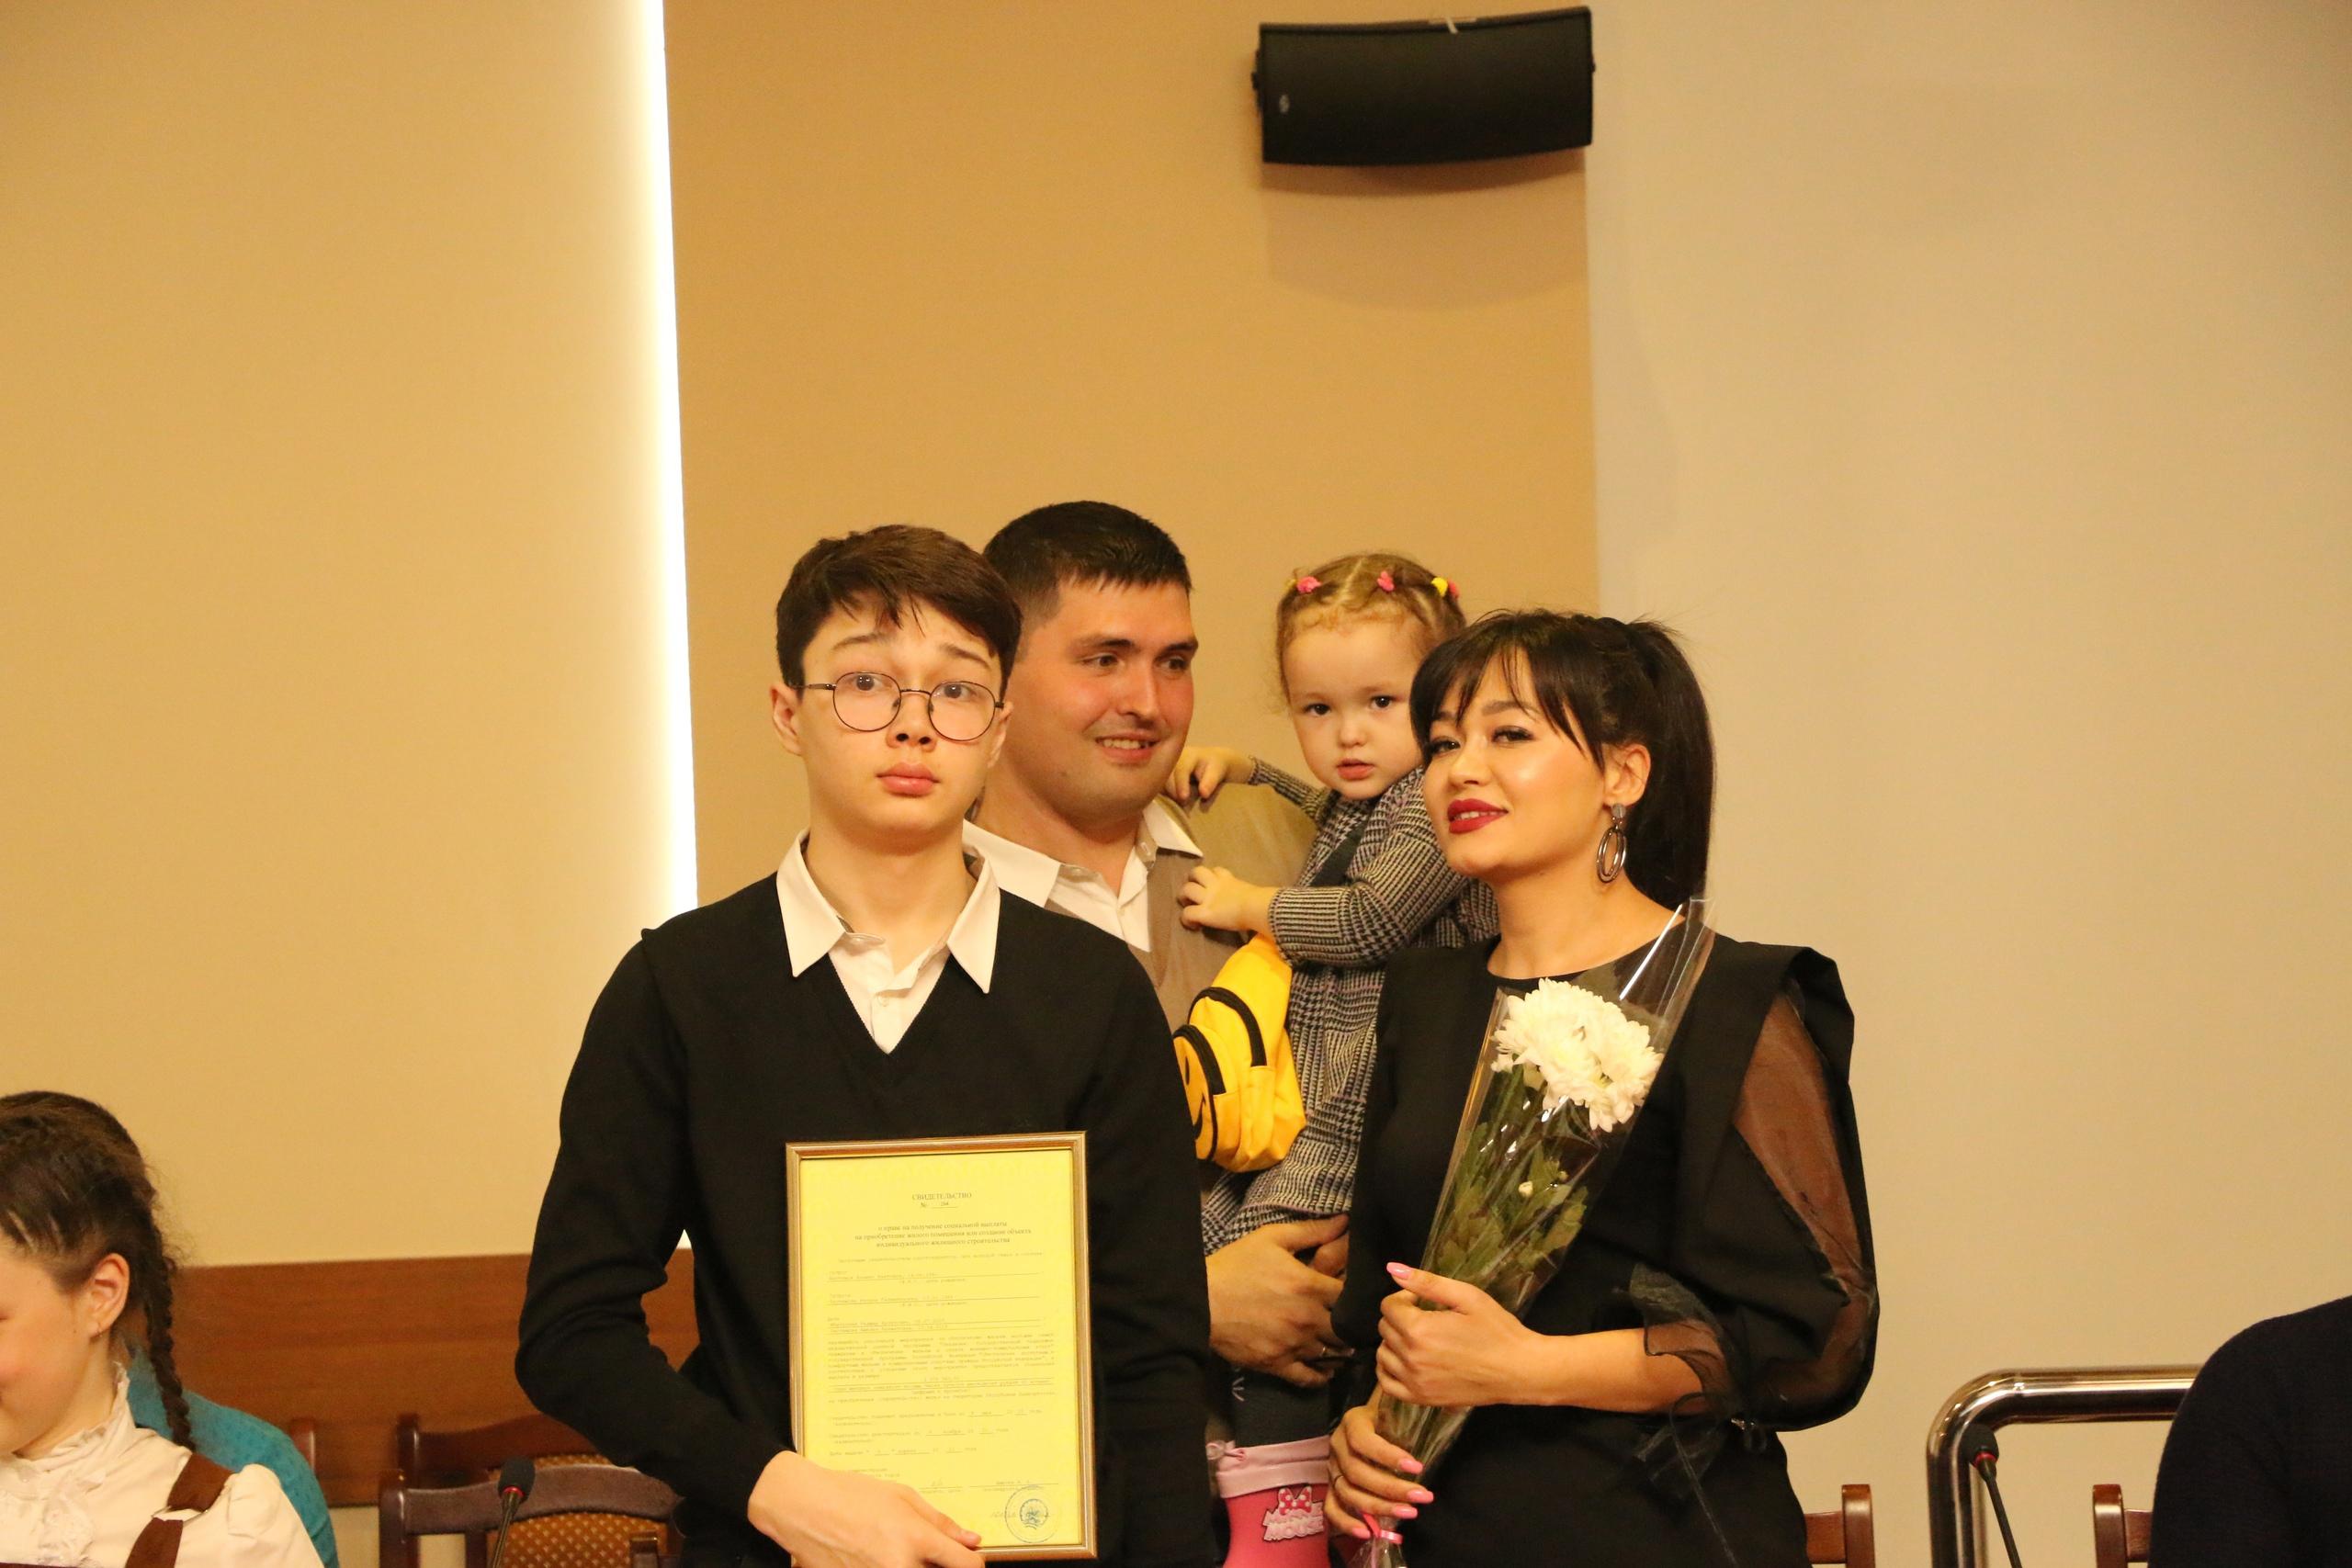 Семейным предоставляется сертификат